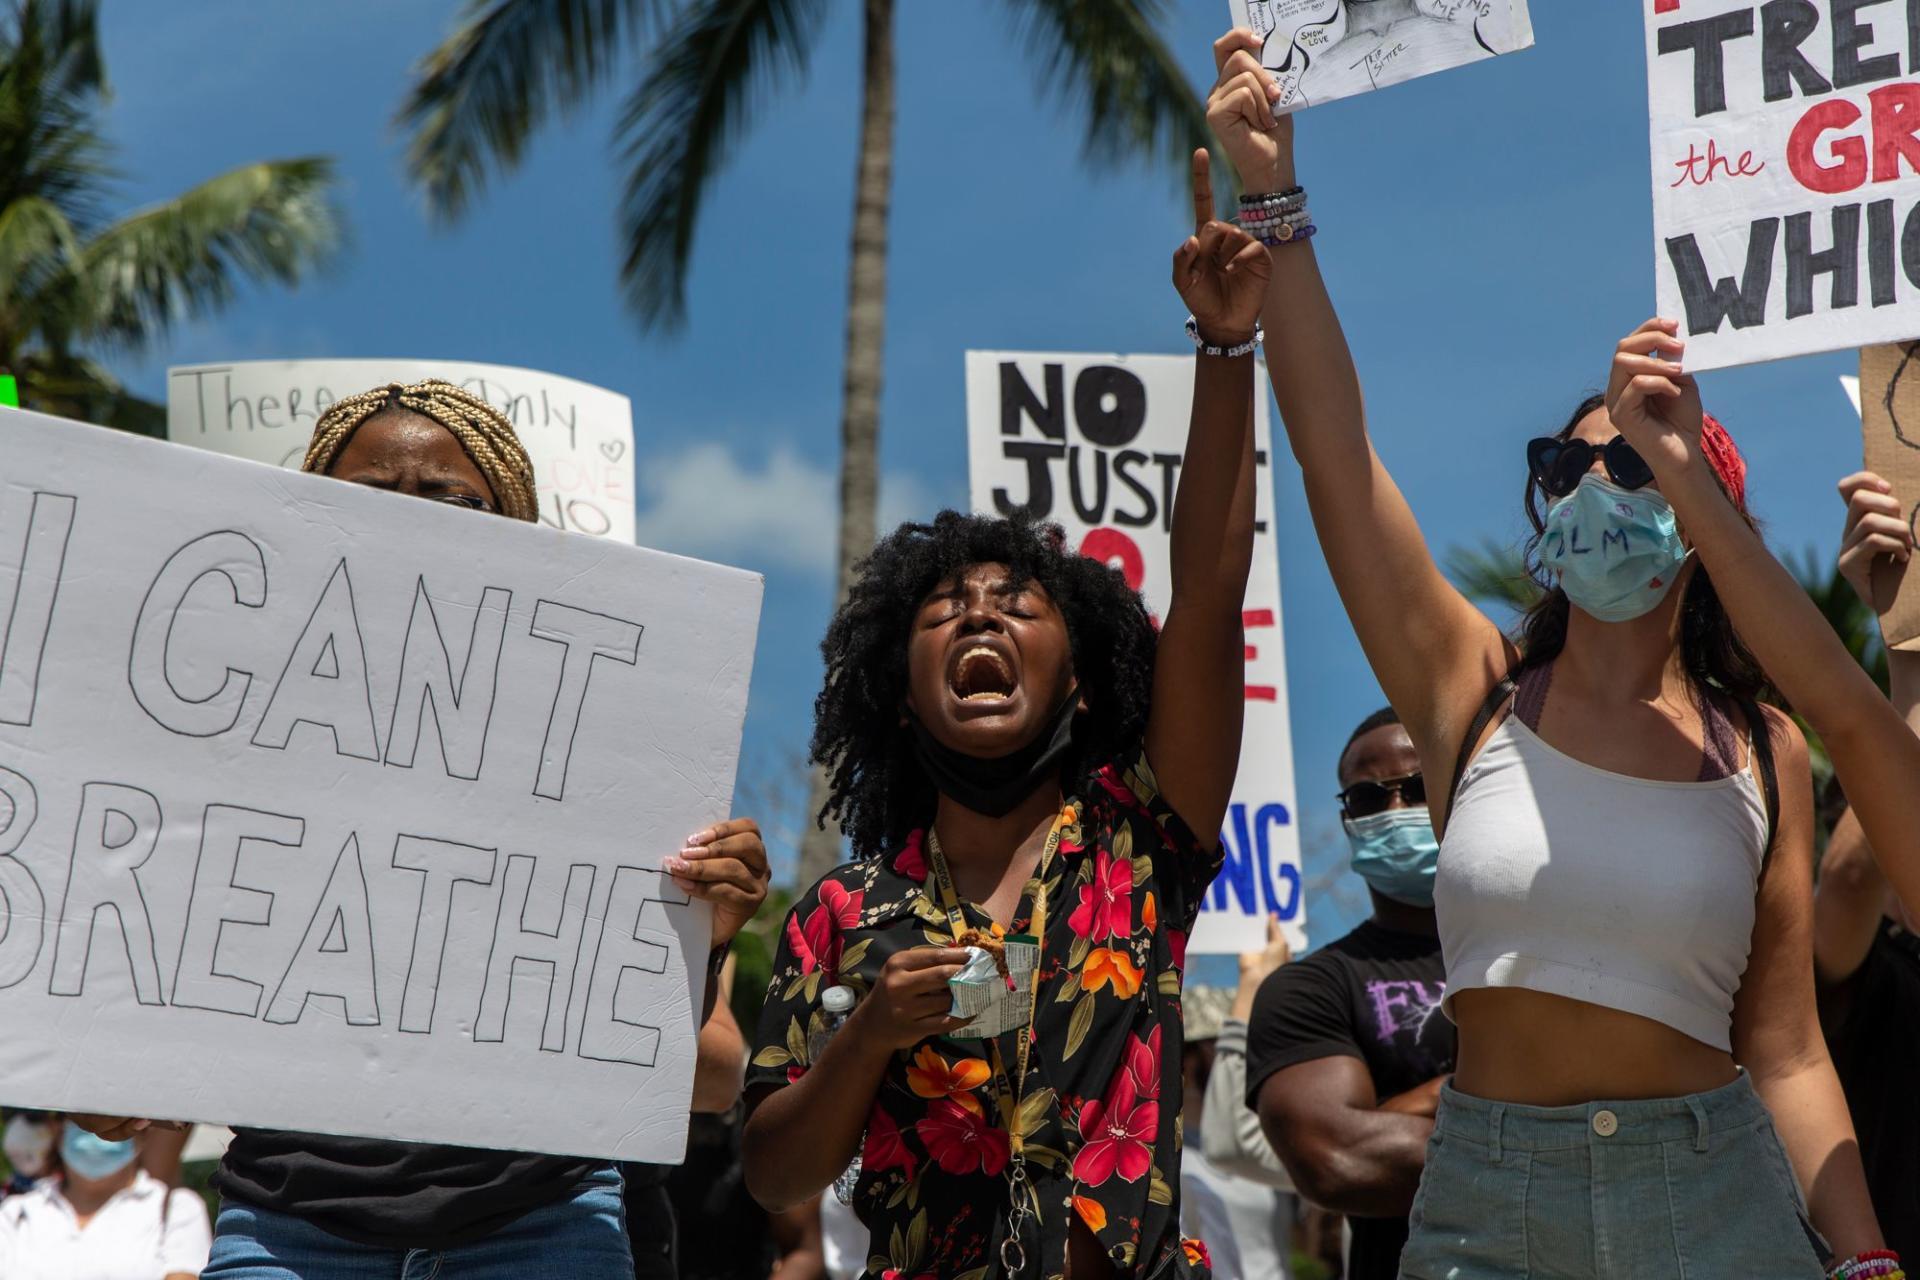 Des manifestants protestent en chantant, à Bayfront Park, dans le centre-ville de Miami (Floride), le 30mai 2020.